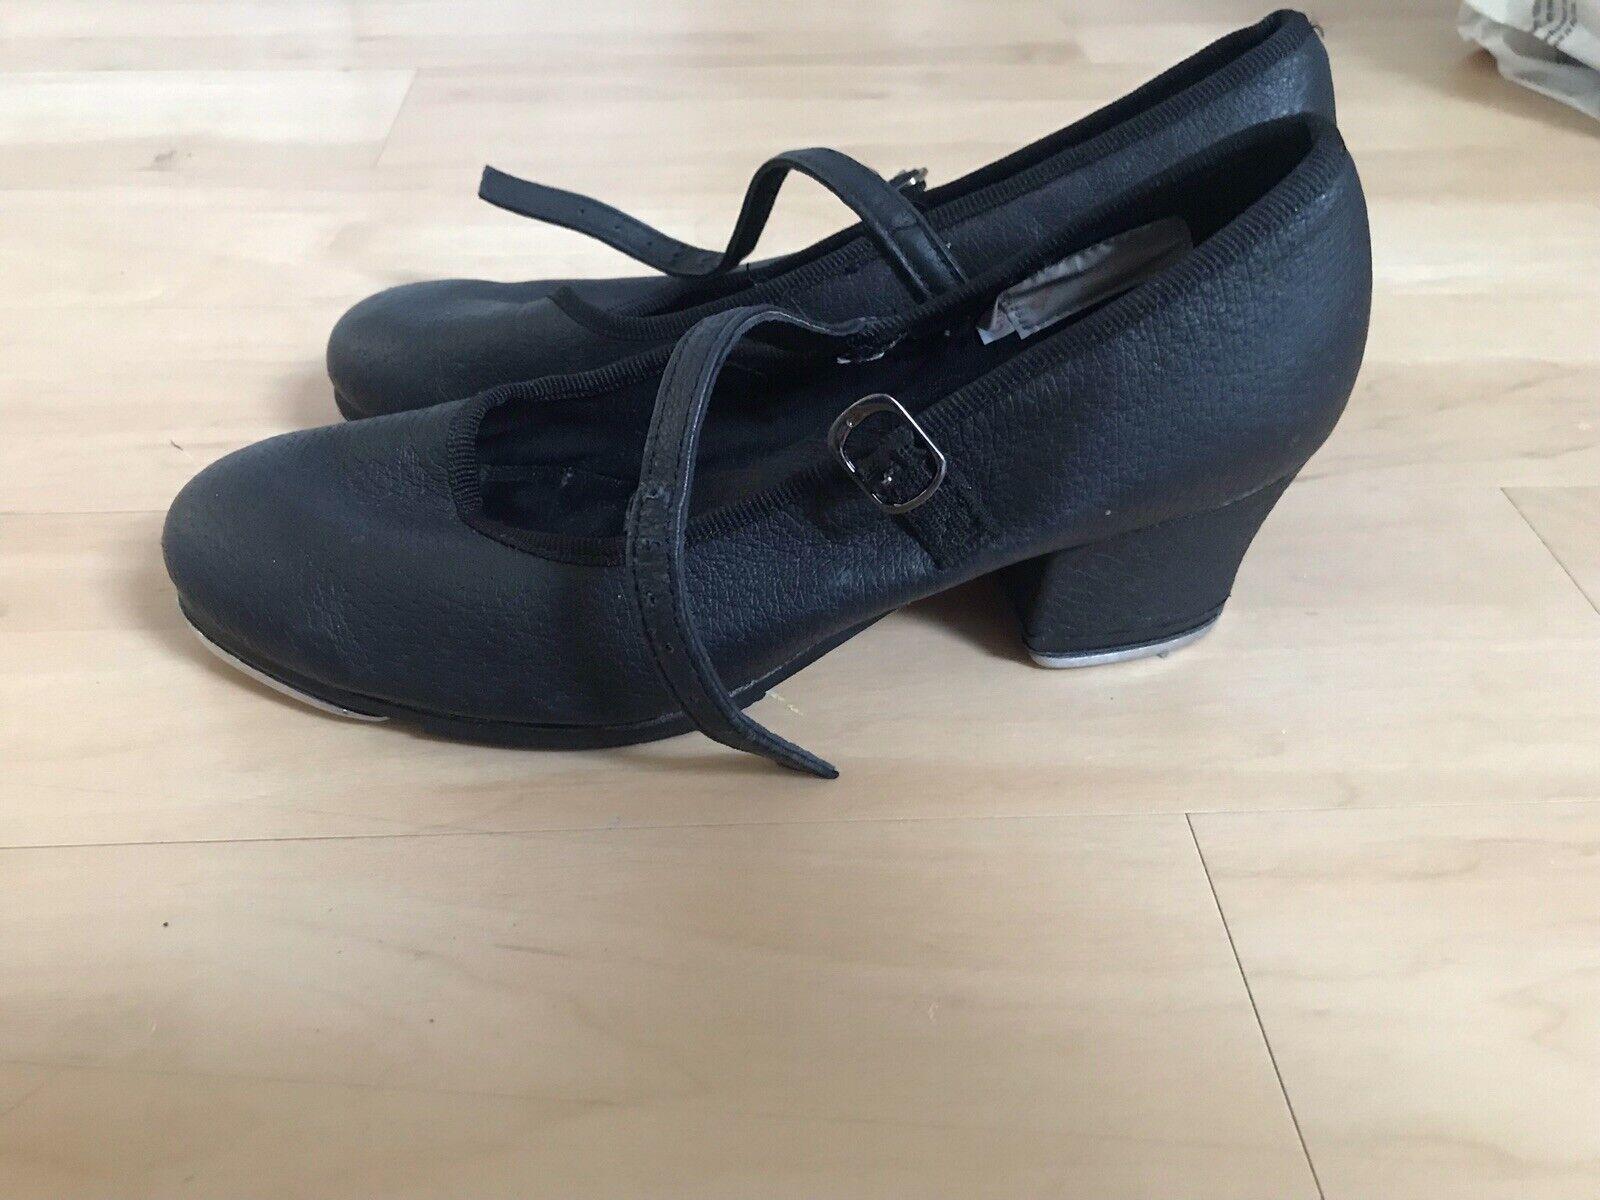 Sansha Heeled Tap Shoes Uk Size 4